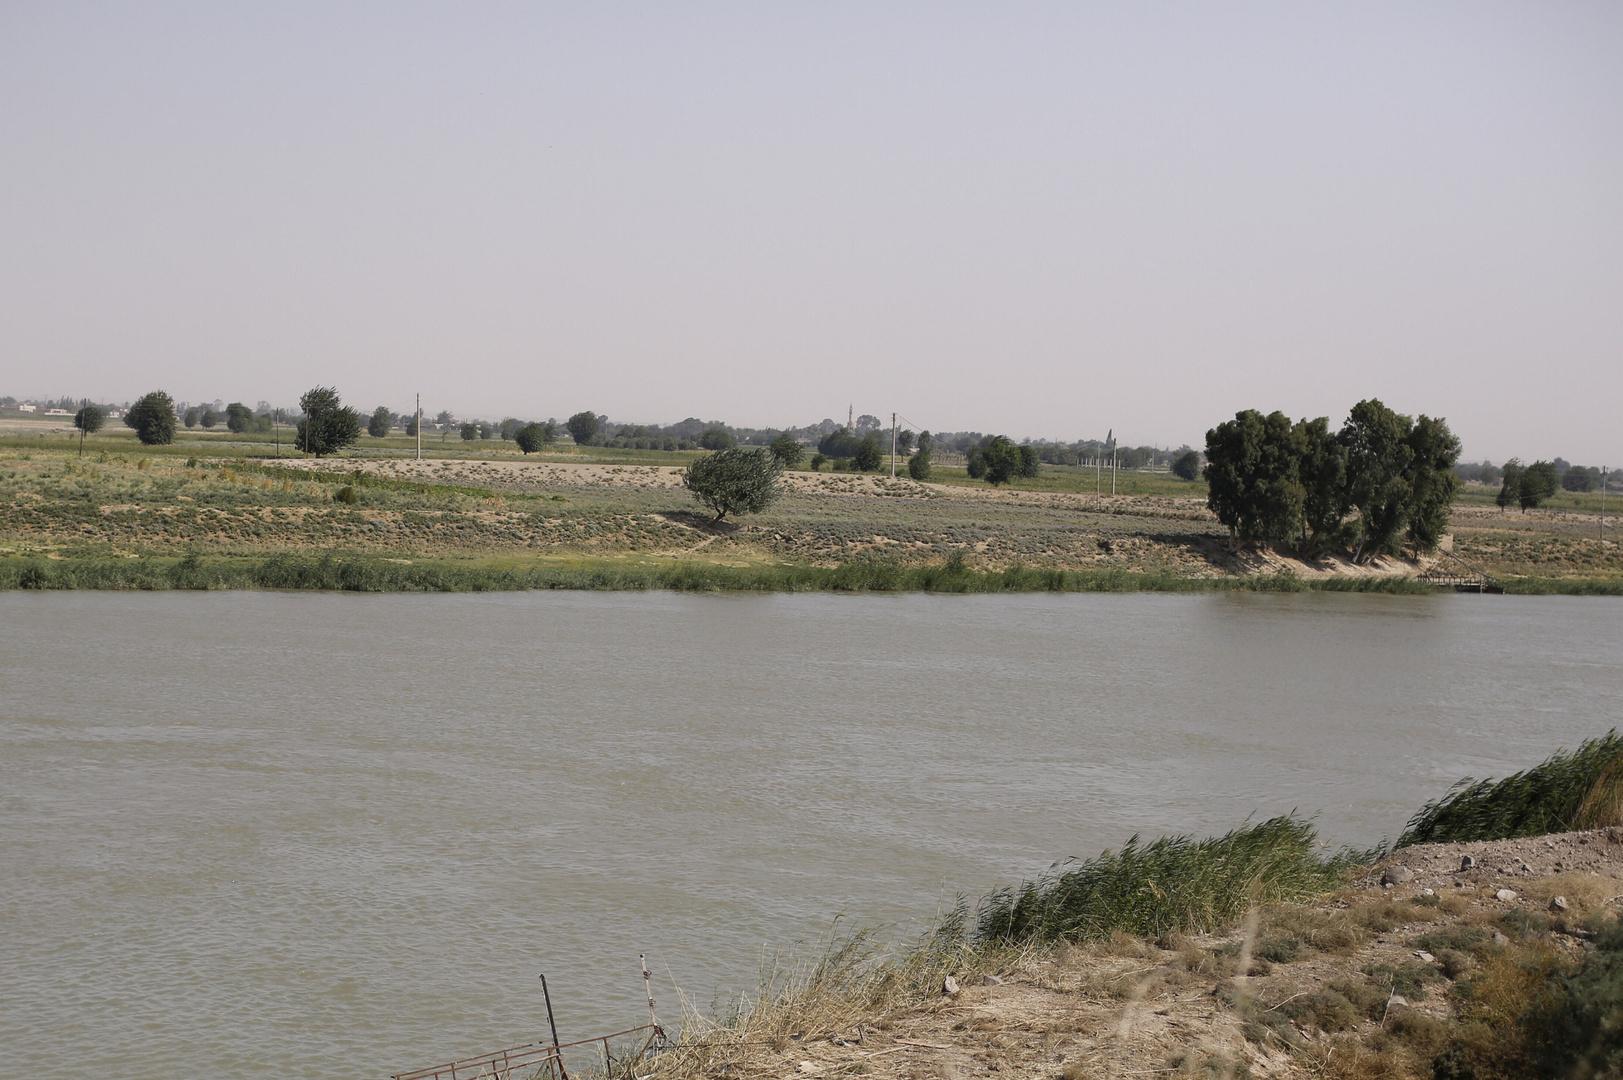 سلطات دير الزور تفتتح معبرا طوفيا عائما يربط ضفتي نهر الفرات شرق سوريا